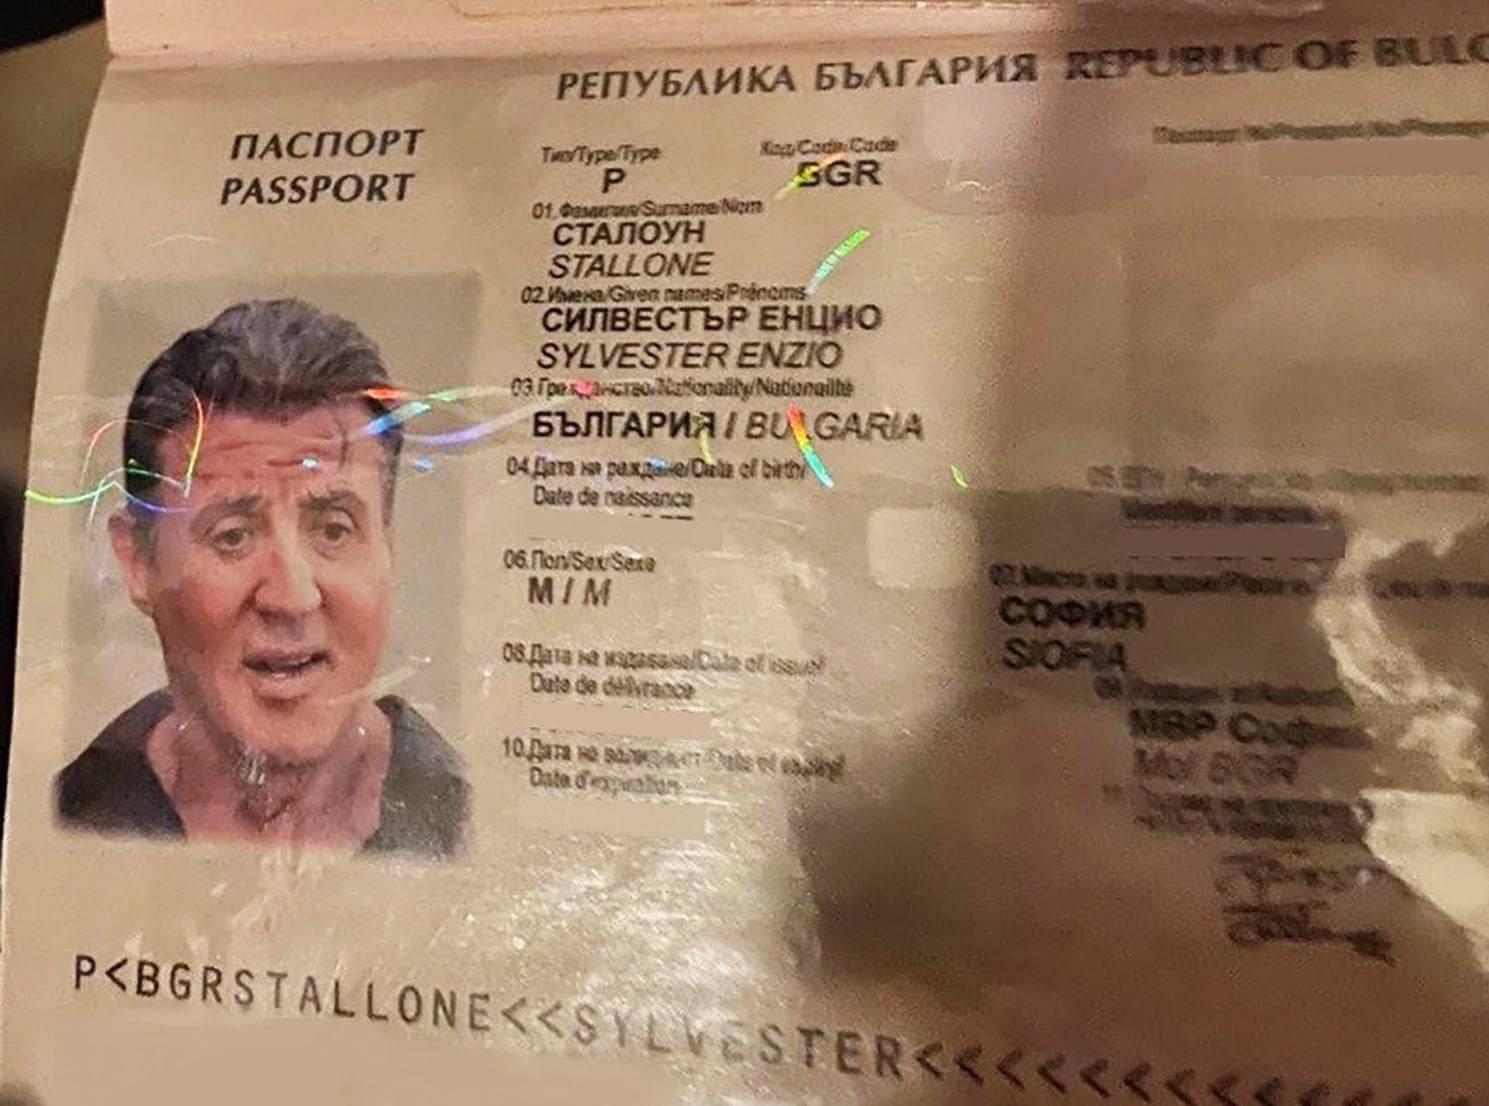 گذرنامه سیلوستر استالونه